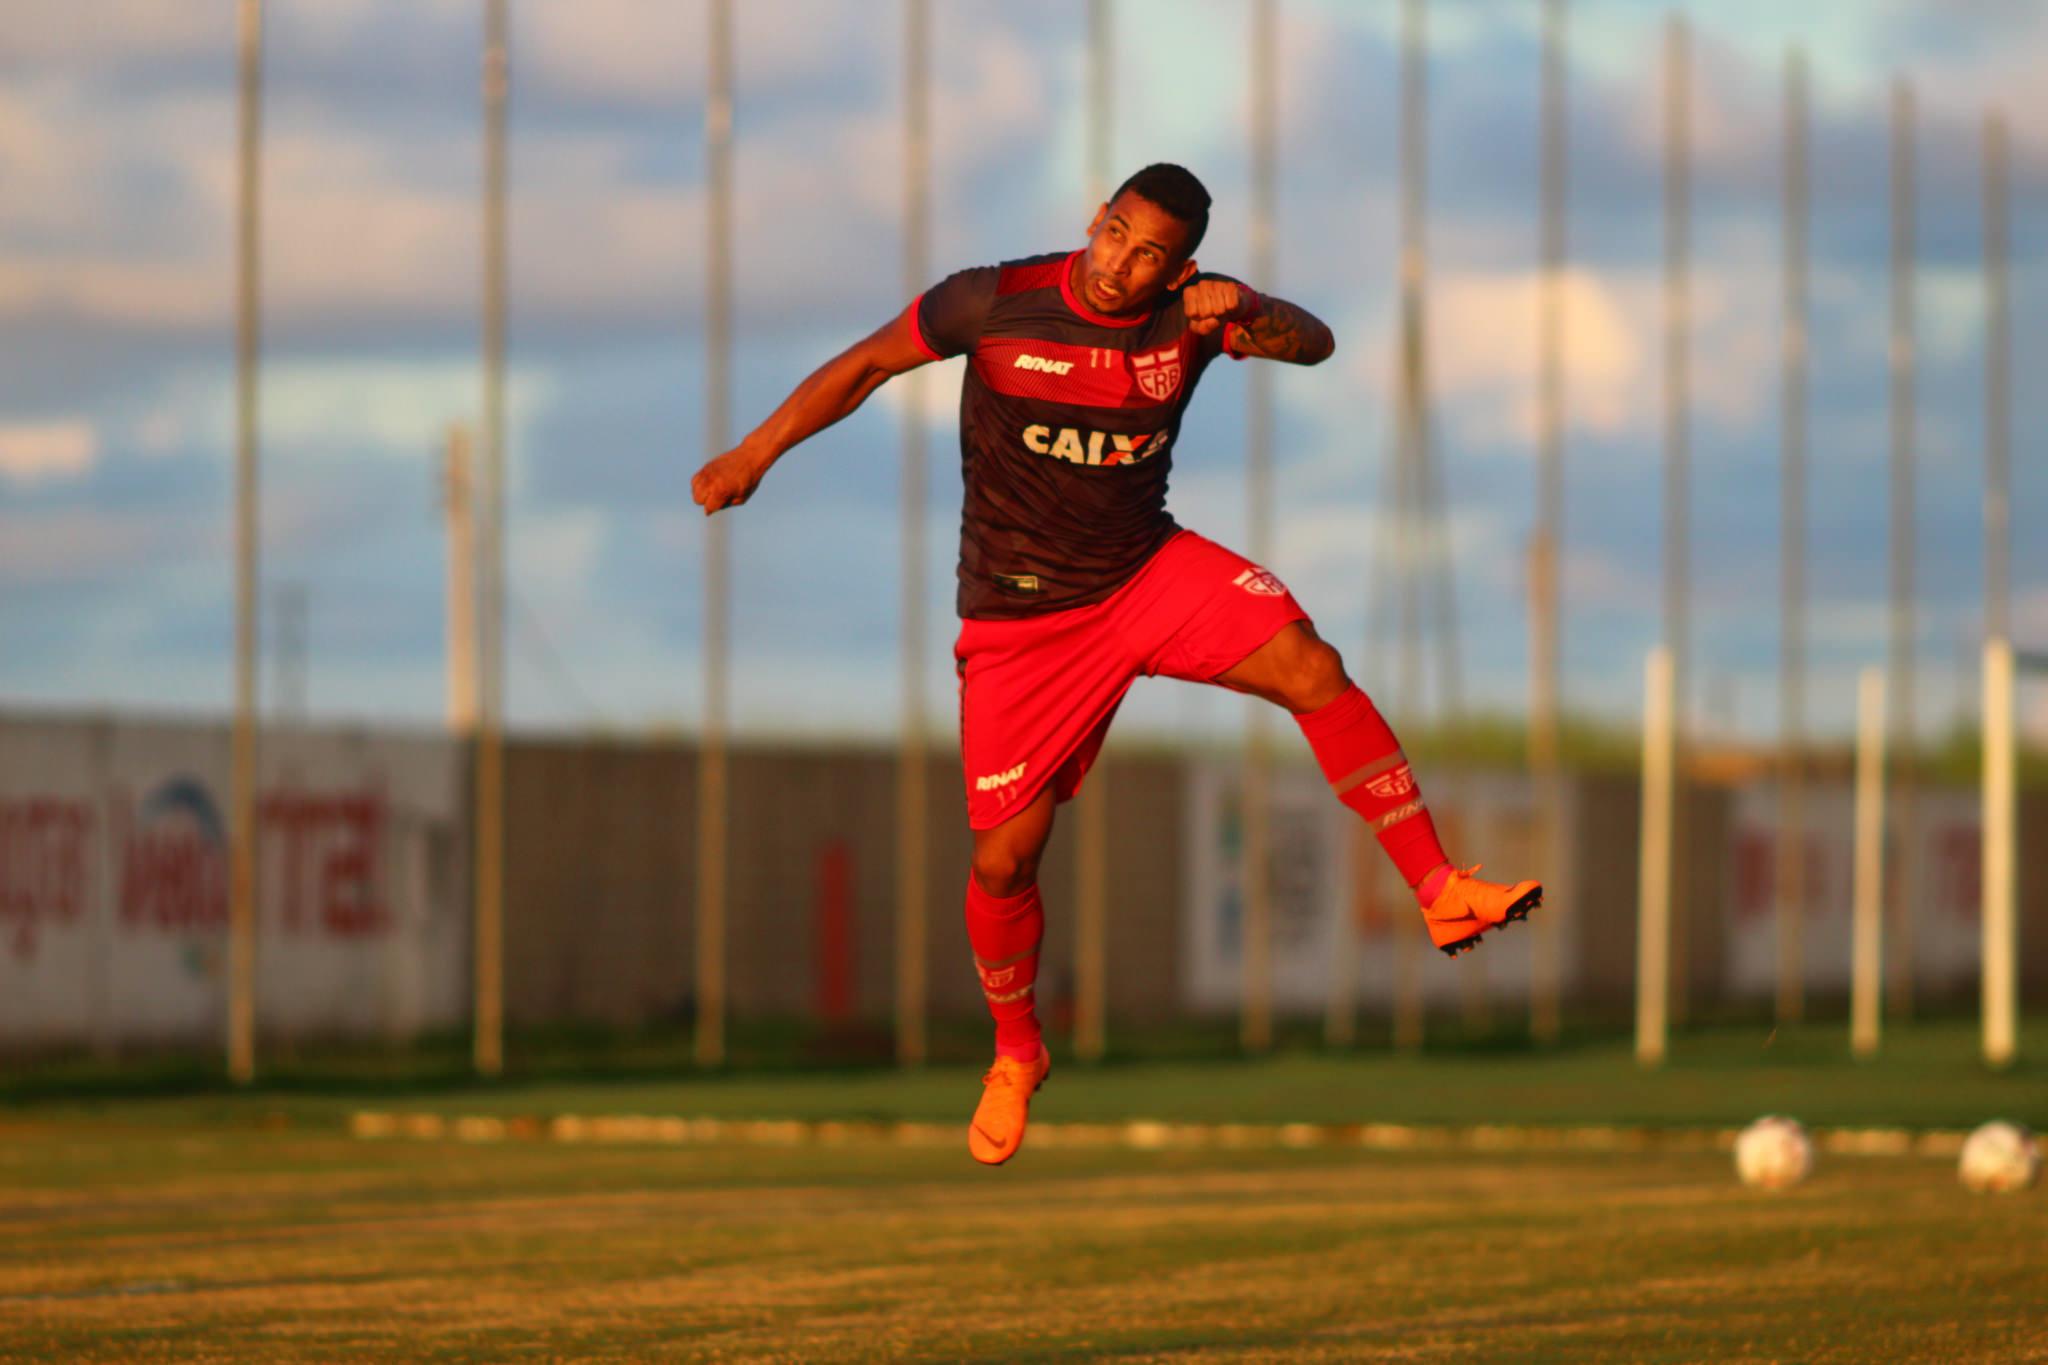 Com histórico de gol contra o Londrina, Rafael Costa busca seu primeiro com a camisa do CRB